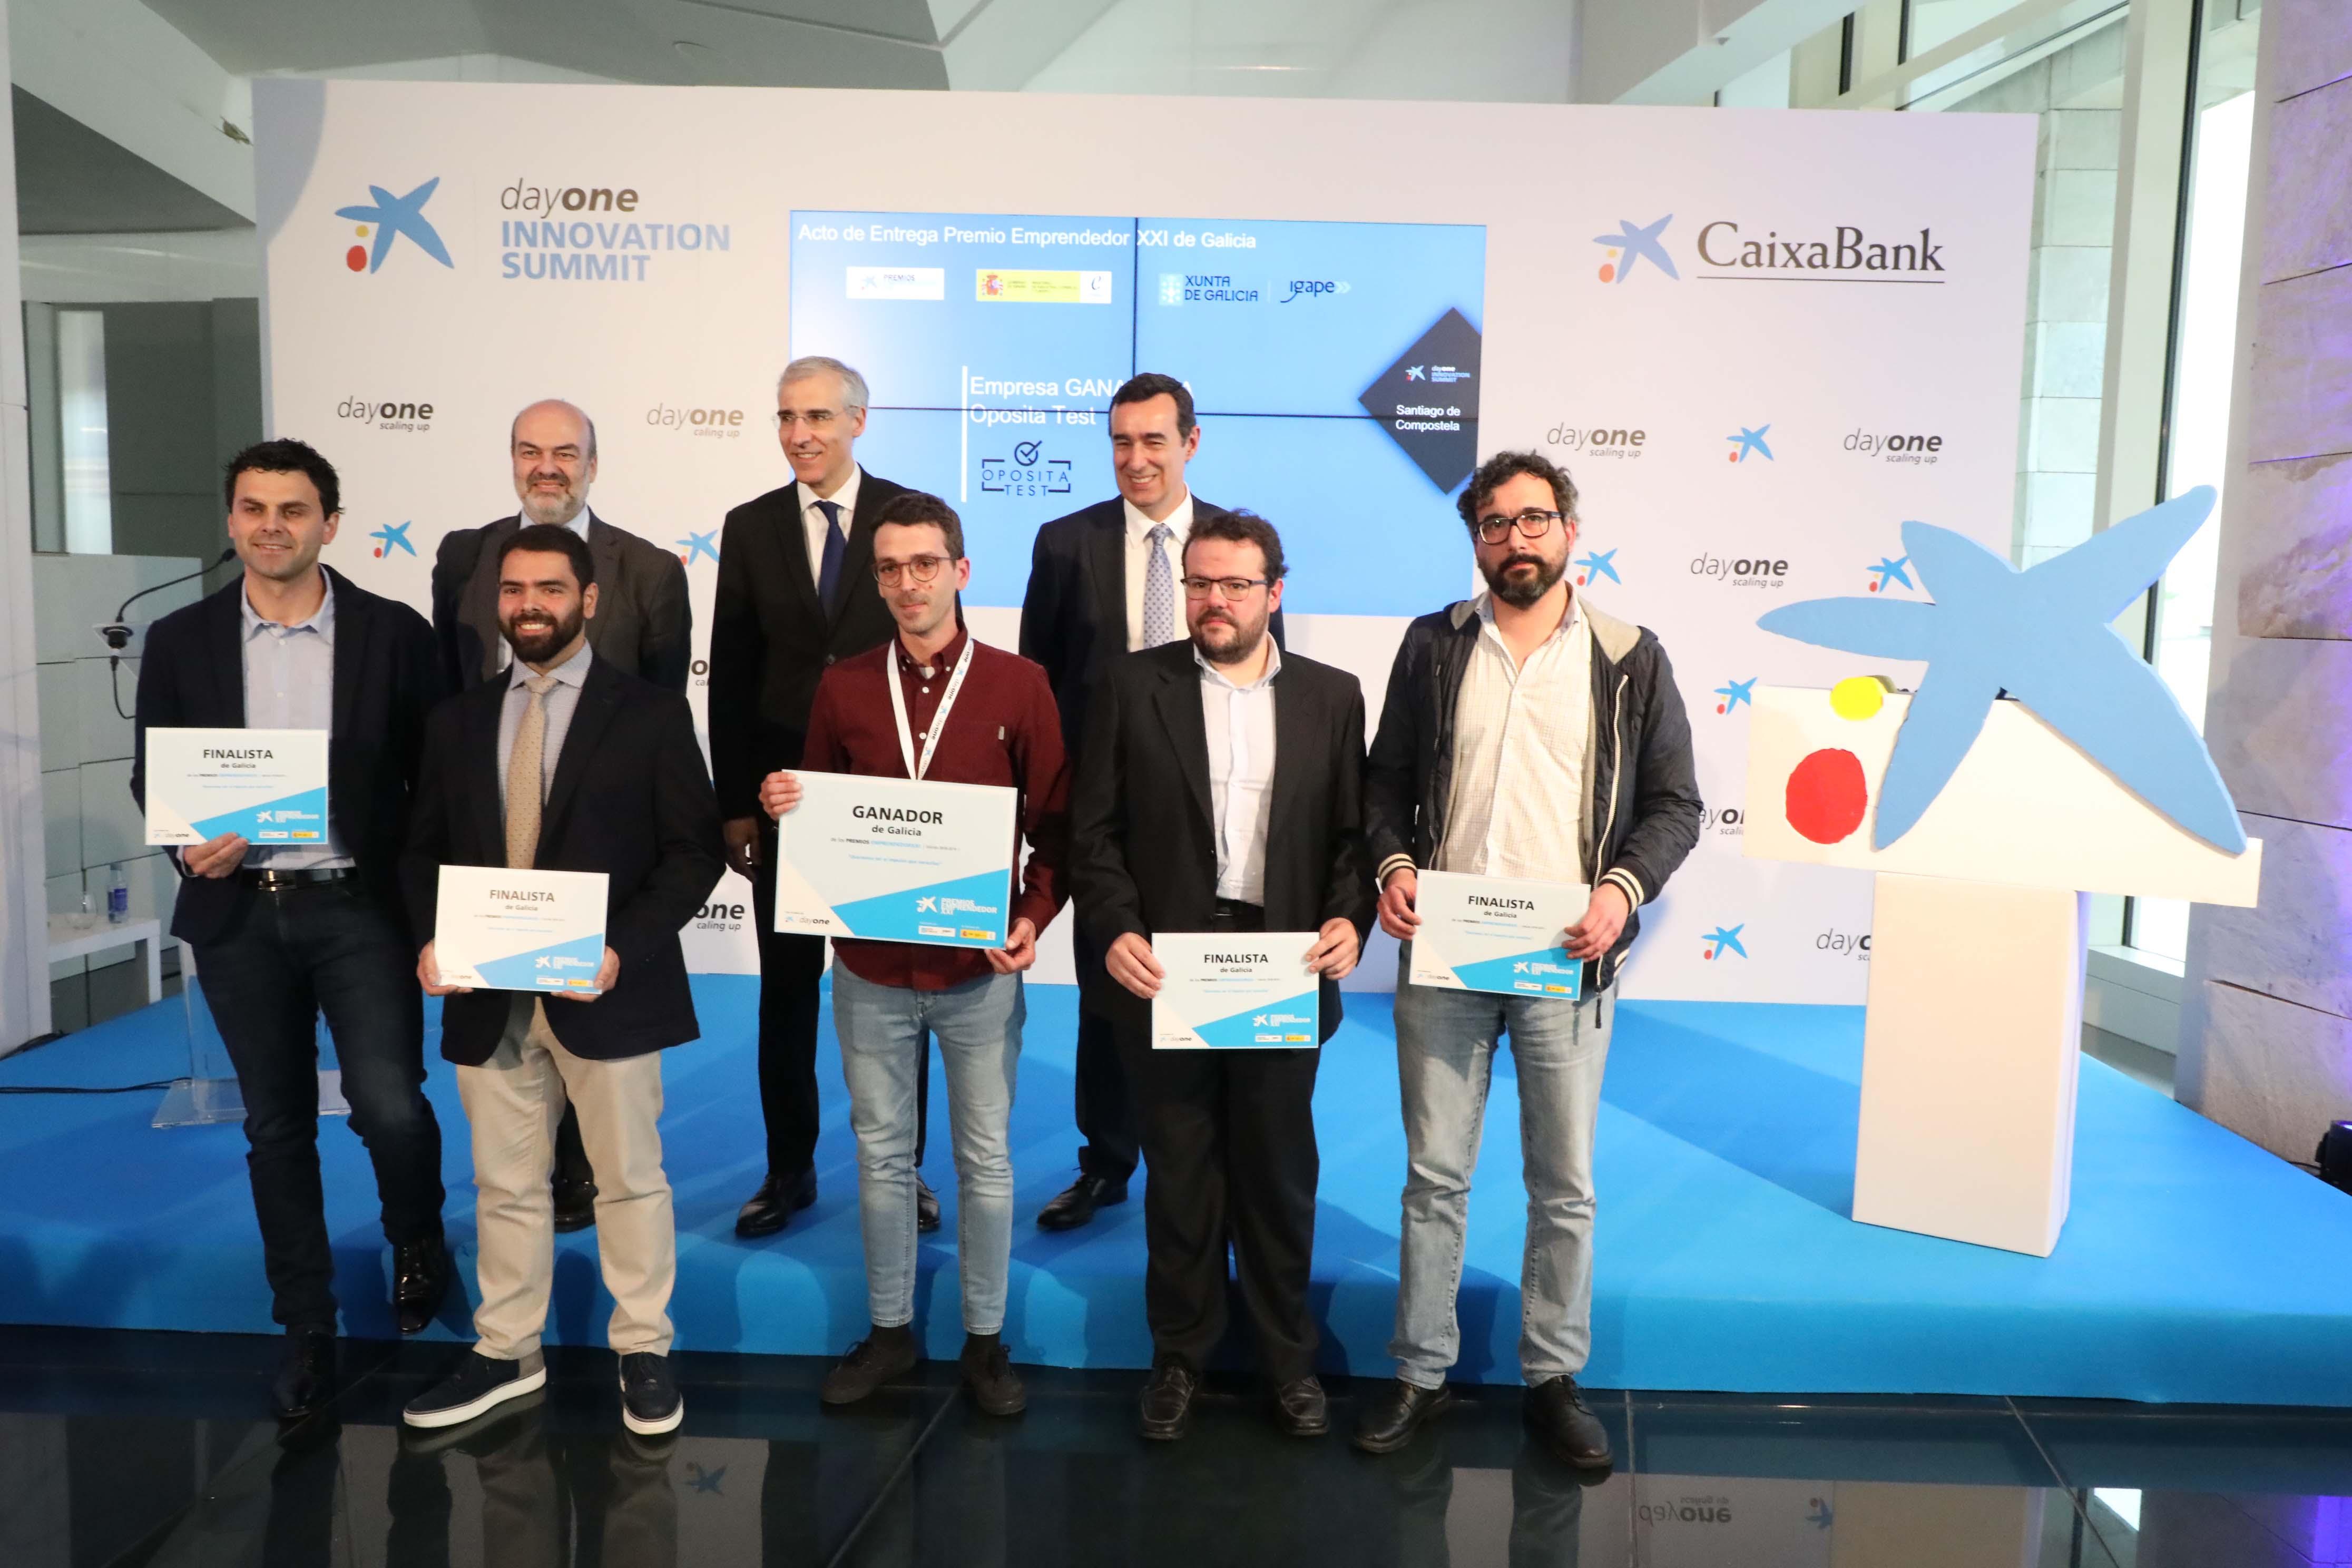 L'empresa OpositaTest guanya els premis EmprenedorXXI a Galícia